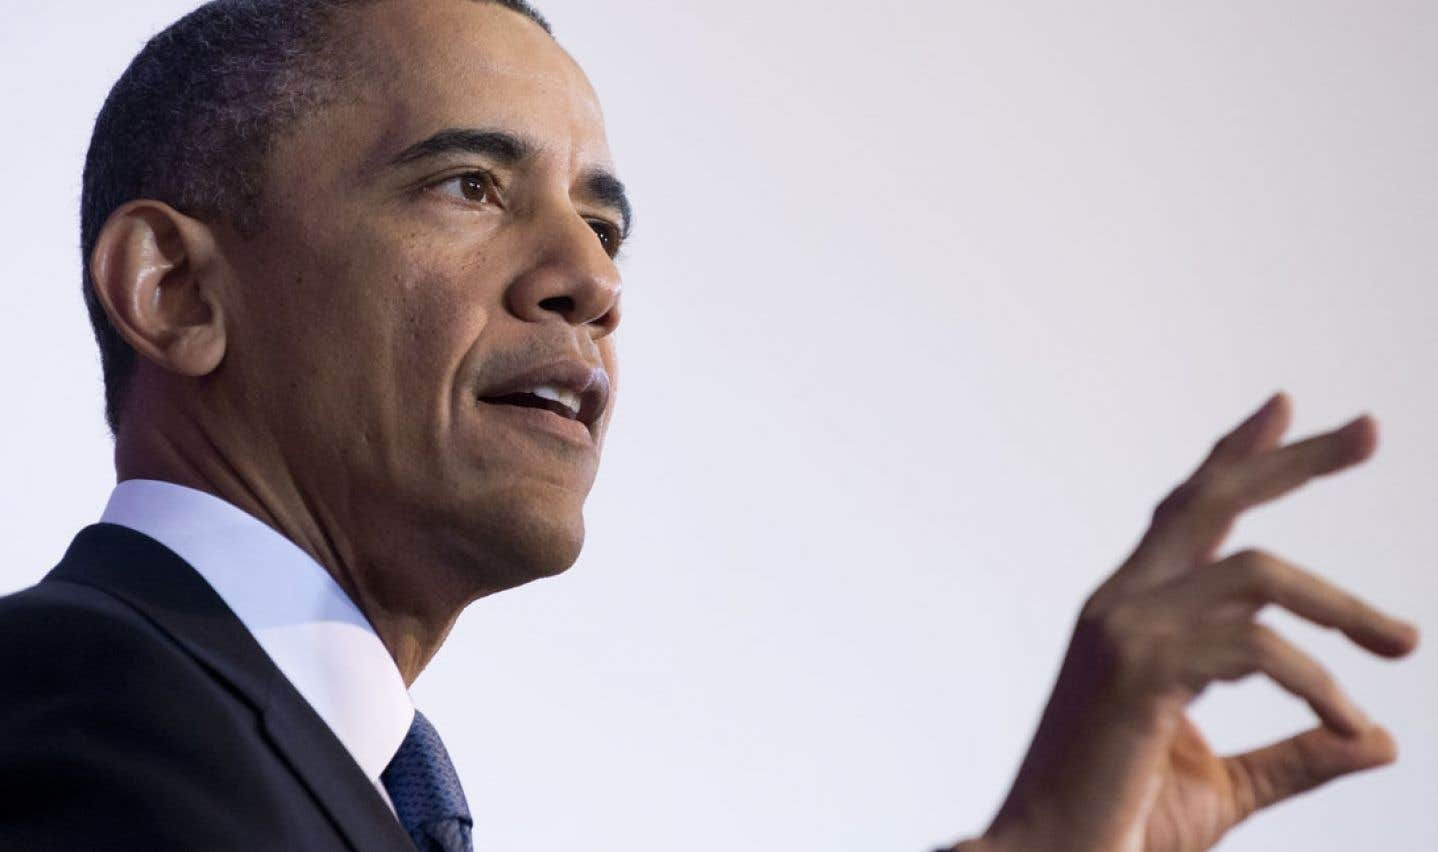 États-Unis - Obama défend les frappes de drones